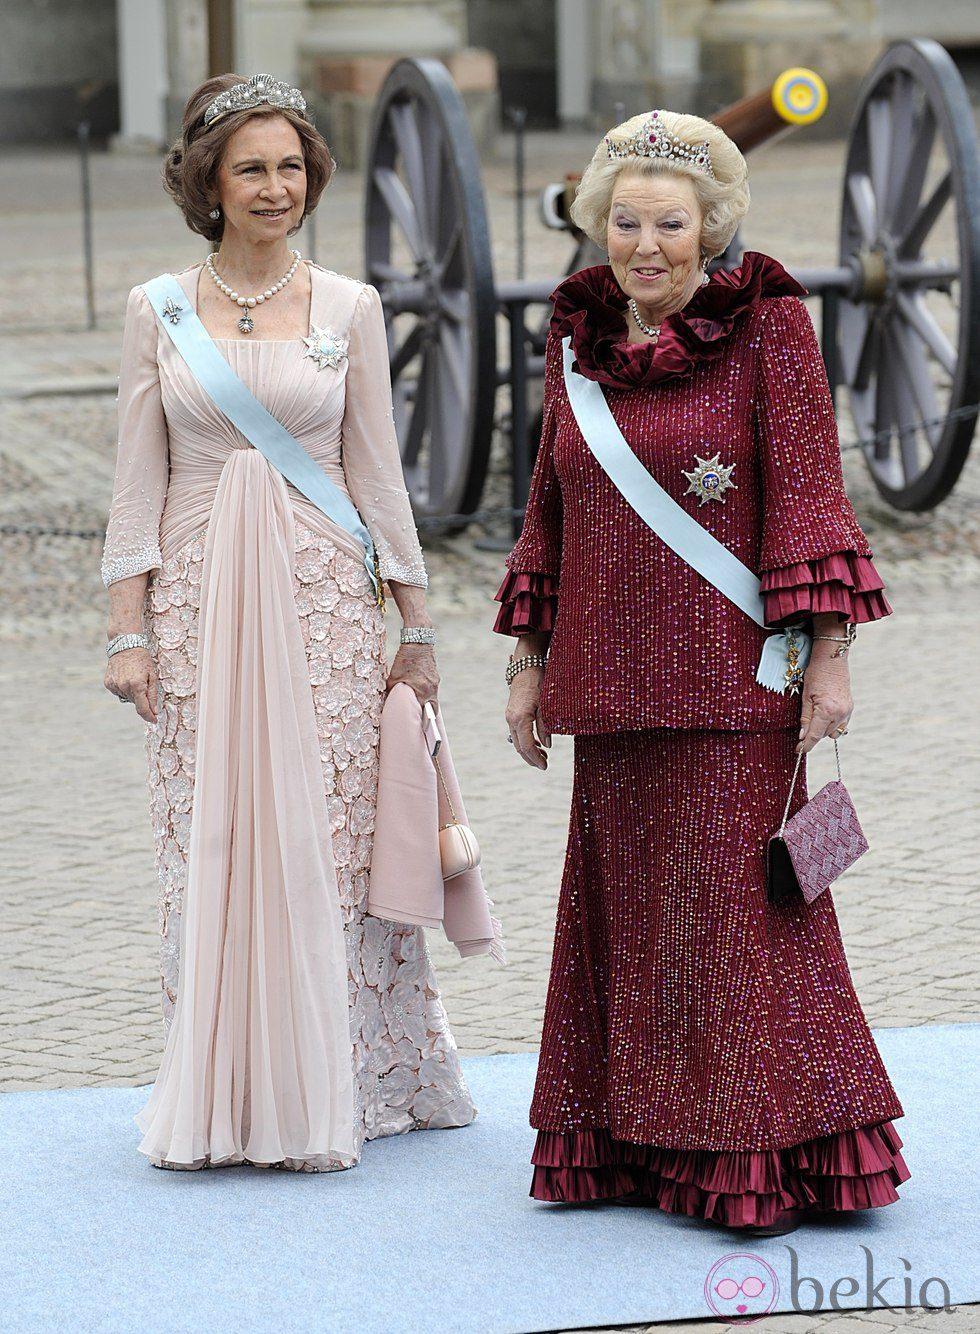 La Reina Beatriz de Holanda y la Reina Sofía de España